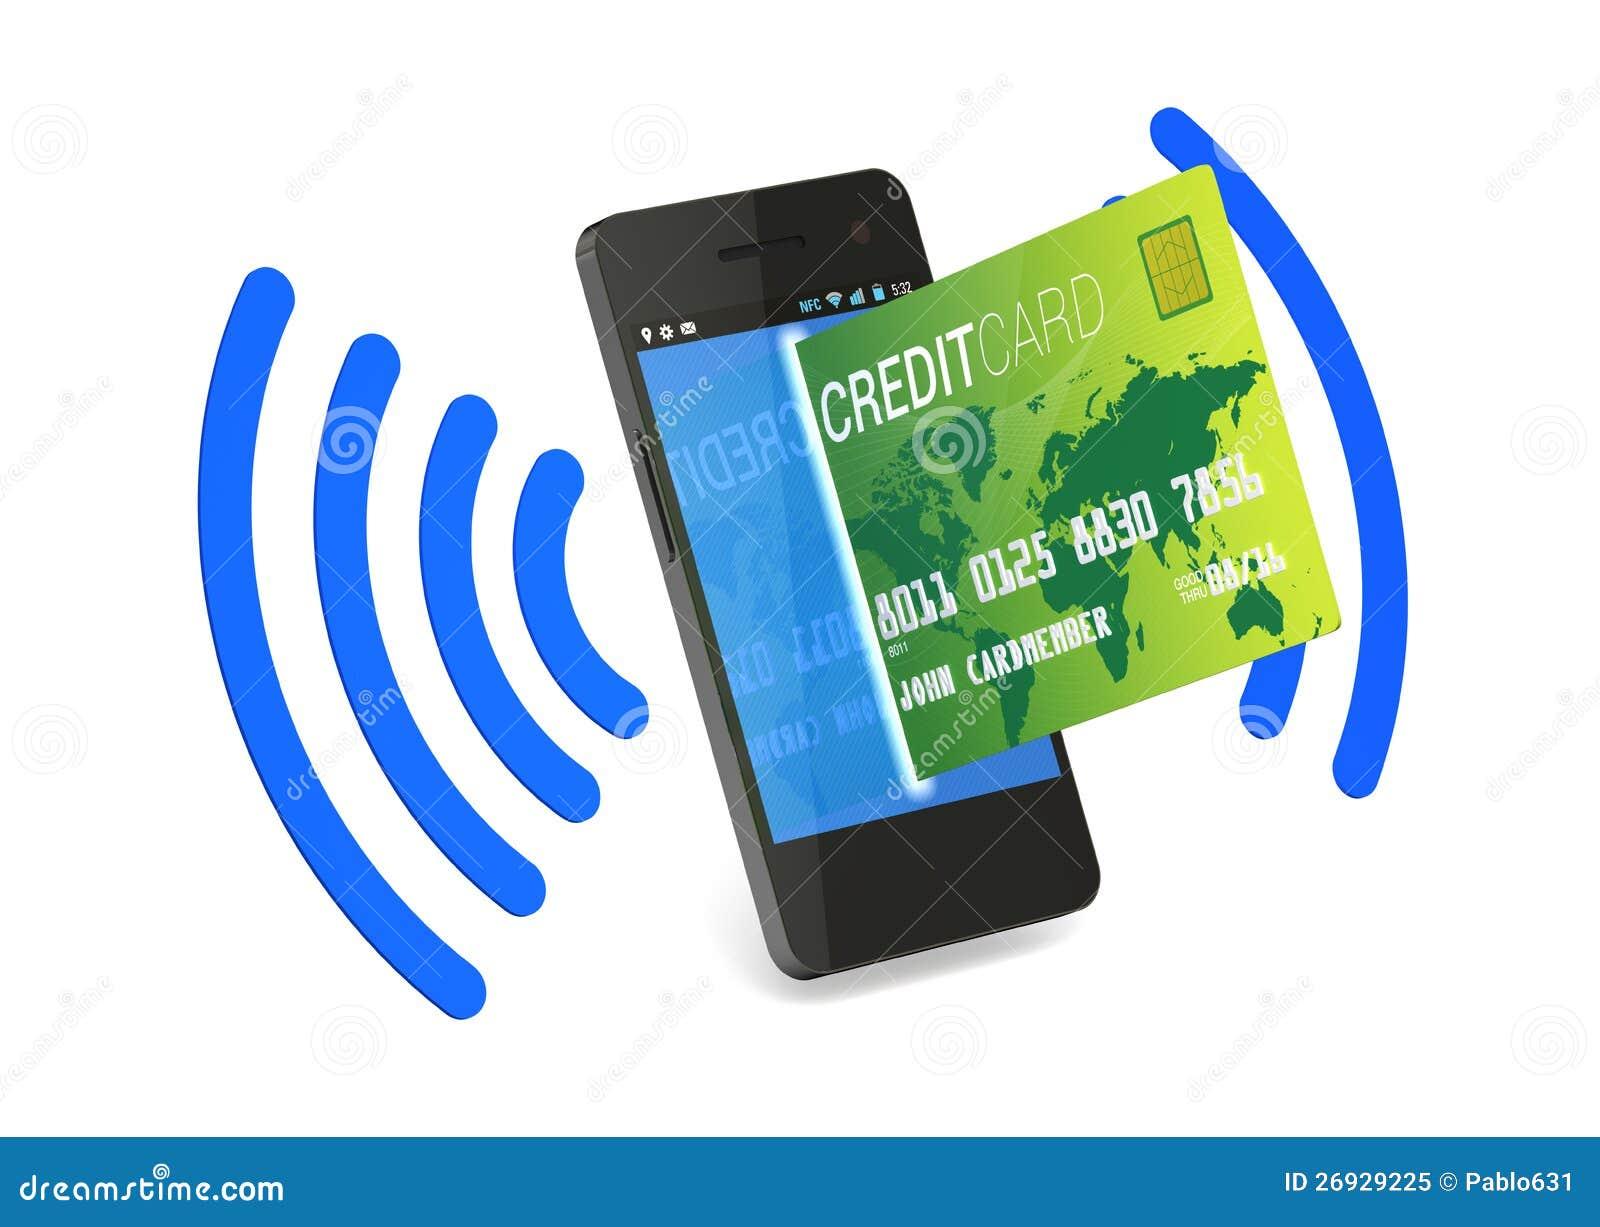 Cartão de crédito de NFC Digitas